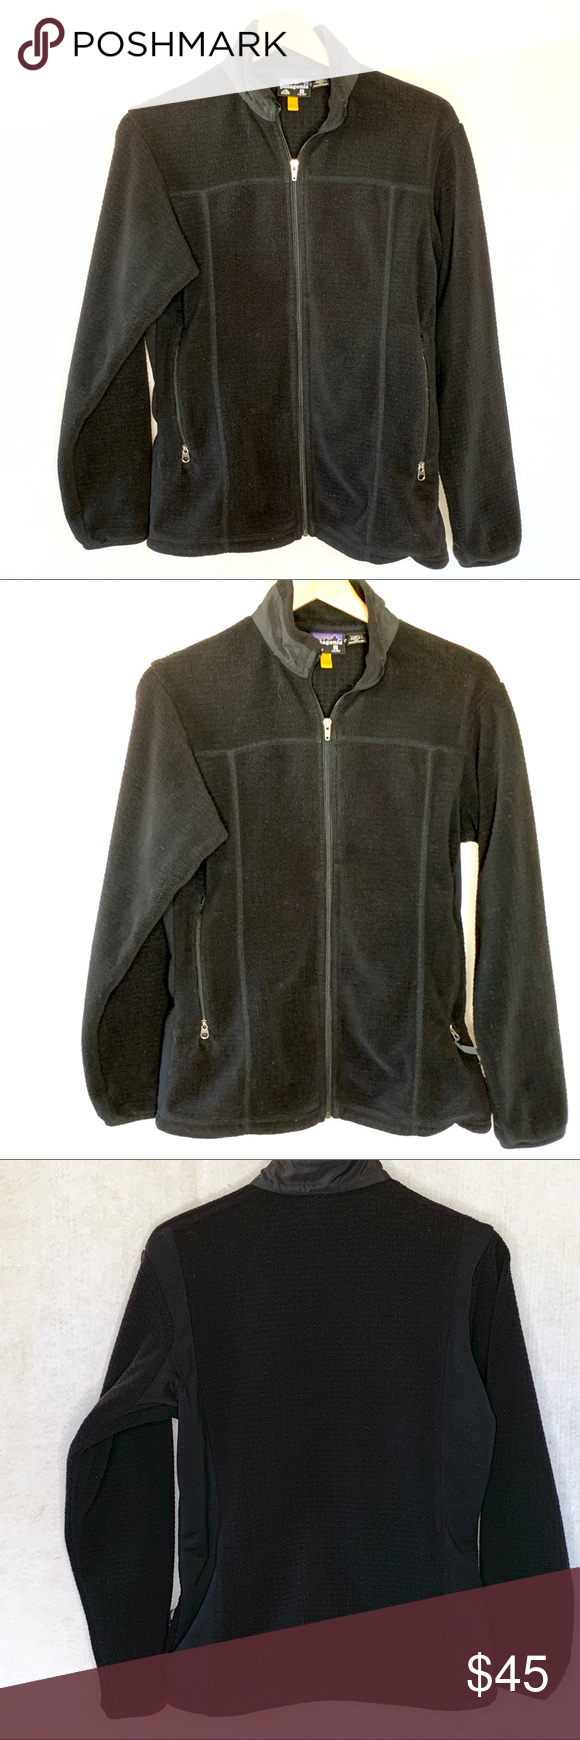 Patagonia Fleece Jacket Women S Size M Regulator Patagonia Fleece Jacket Jackets For Women Patagonia Fleece